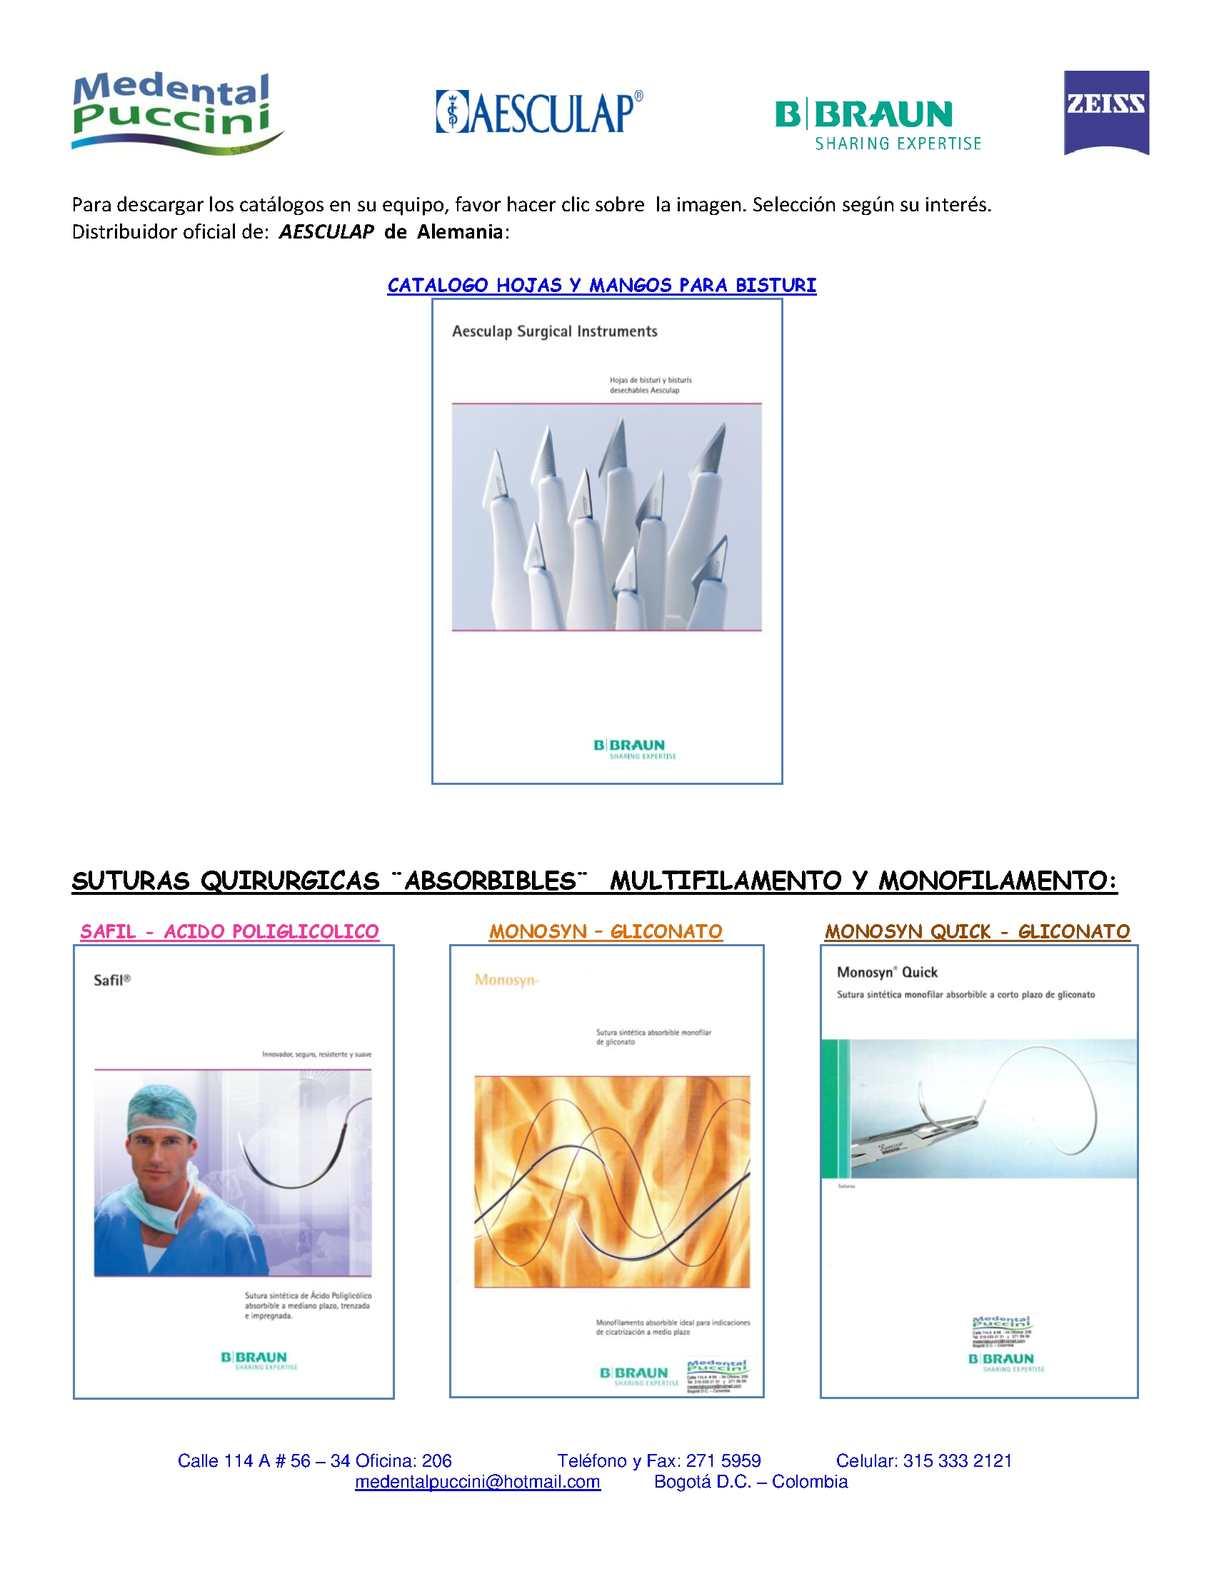 Calaméo - 2 CATALOGOS SUTURAS Y HOJAS BISTURI AESCULAP B BRAUN